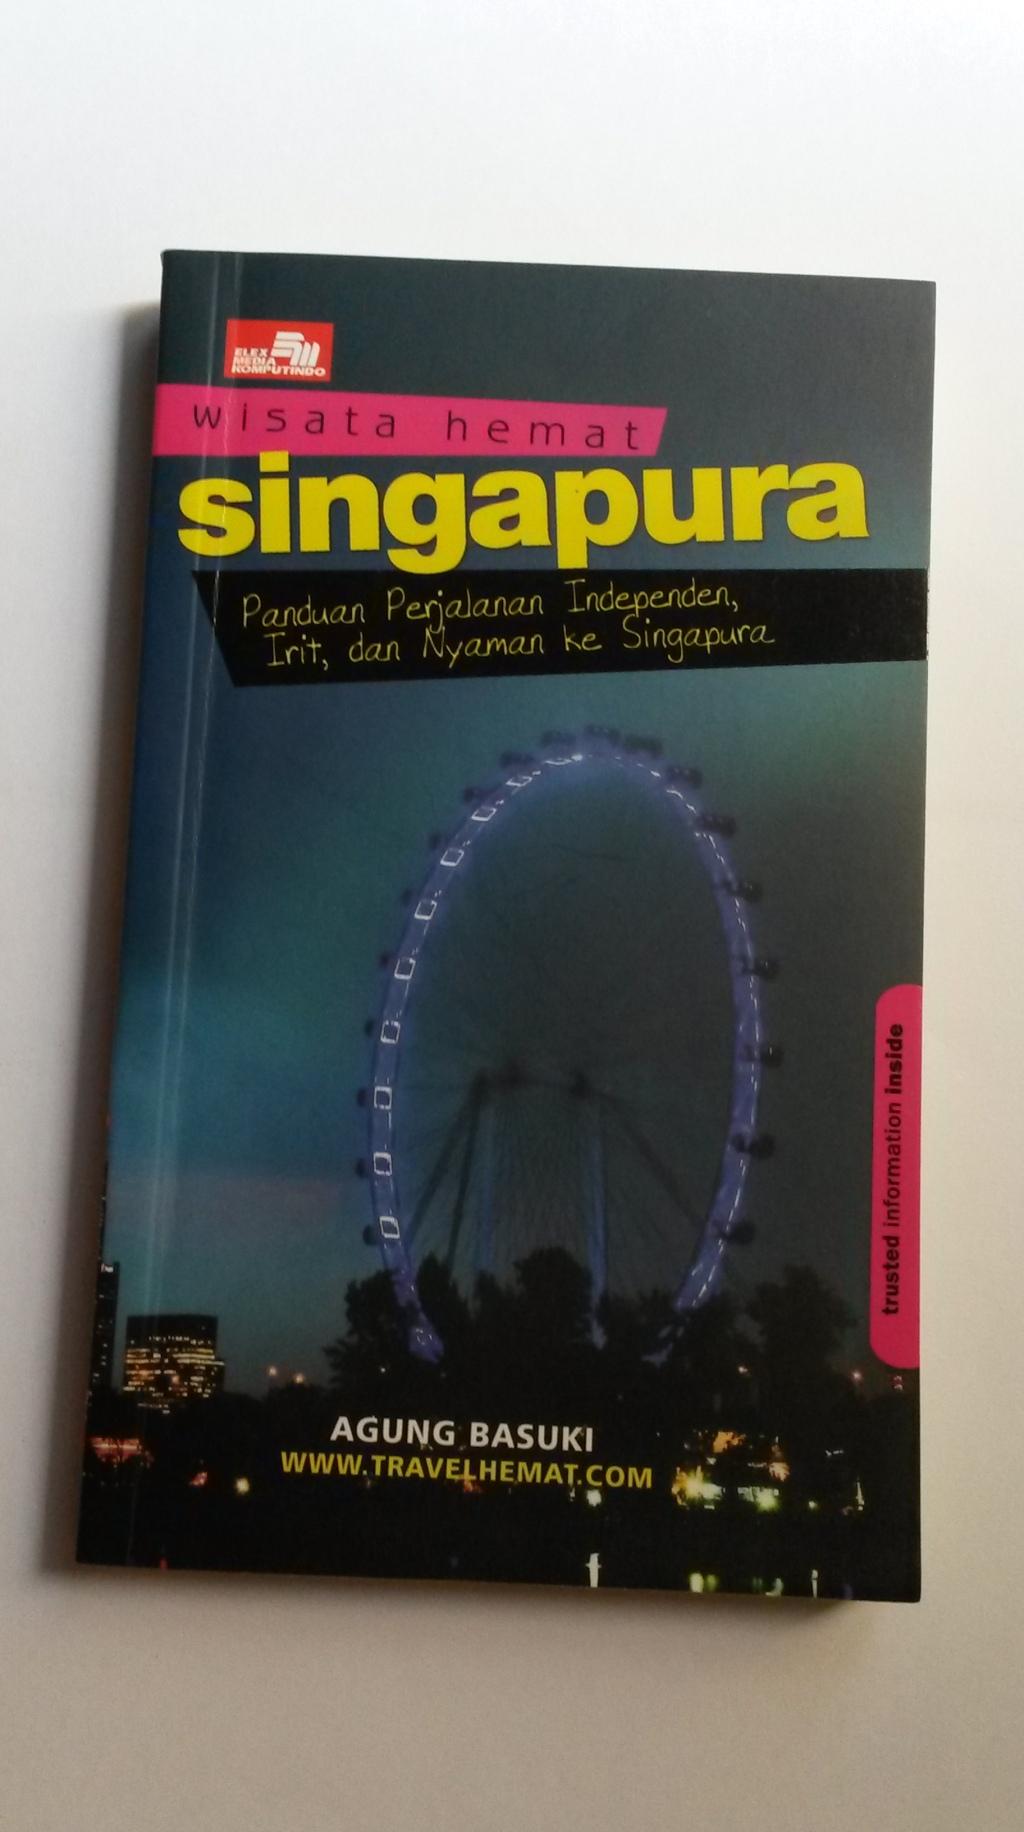 Wisata Hemat Singapura